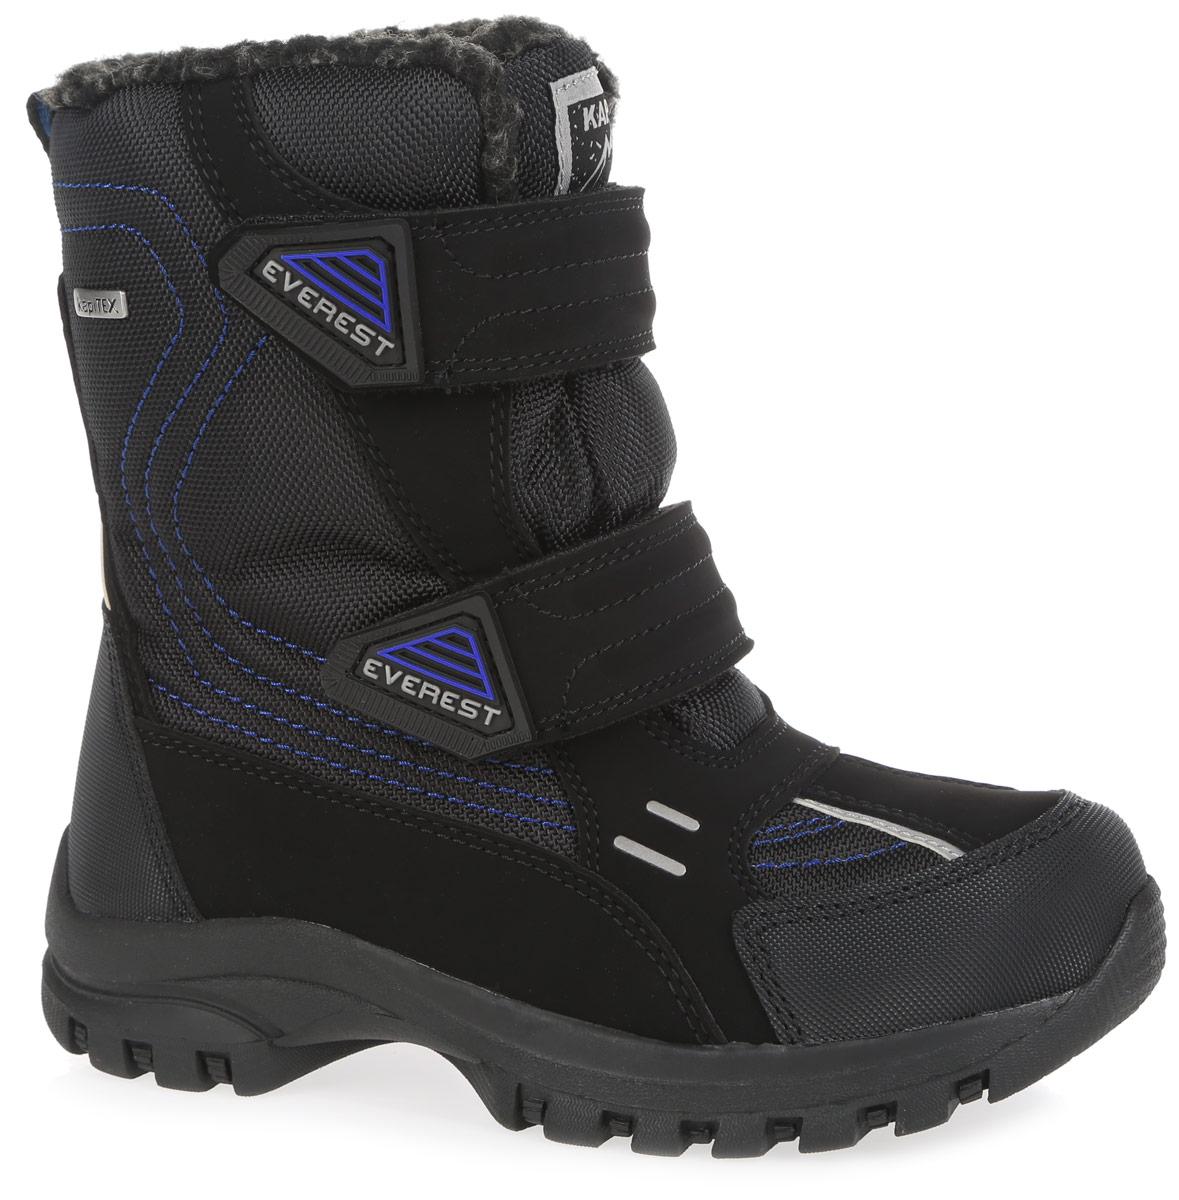 Ботинки для мальчика. 43168-143168-1Модные утепленные ботинки от Kapika согреют ноги вашего мальчика в холодную погоду. Ботинки, выполненные из искусственной кожи и плотного текстиля, оформлены контрастной прострочкой и светоотражающими вставками, на язычке - фирменной нашивкой. Мембрана защитит обувь от промокания, обеспечит своевременное отведением естественного испарения тела и сохранение комфортного микроклимата внутри обуви. Подкладка из искусственного меха и натуральной шерсти не даст ногам замерзнуть. Стелька из искусственного меха обеспечит тепло и циркуляцию воздуха. Ремешки с застежками-липучками, оформленные нашивками из ПВХ, надежно зафиксируют изделие на ноге. Подошва с протектором обеспечивает отличное сцепление с любой поверхностью. Стильные ботинки - незаменимая вещь в гардеробе каждого мальчика!